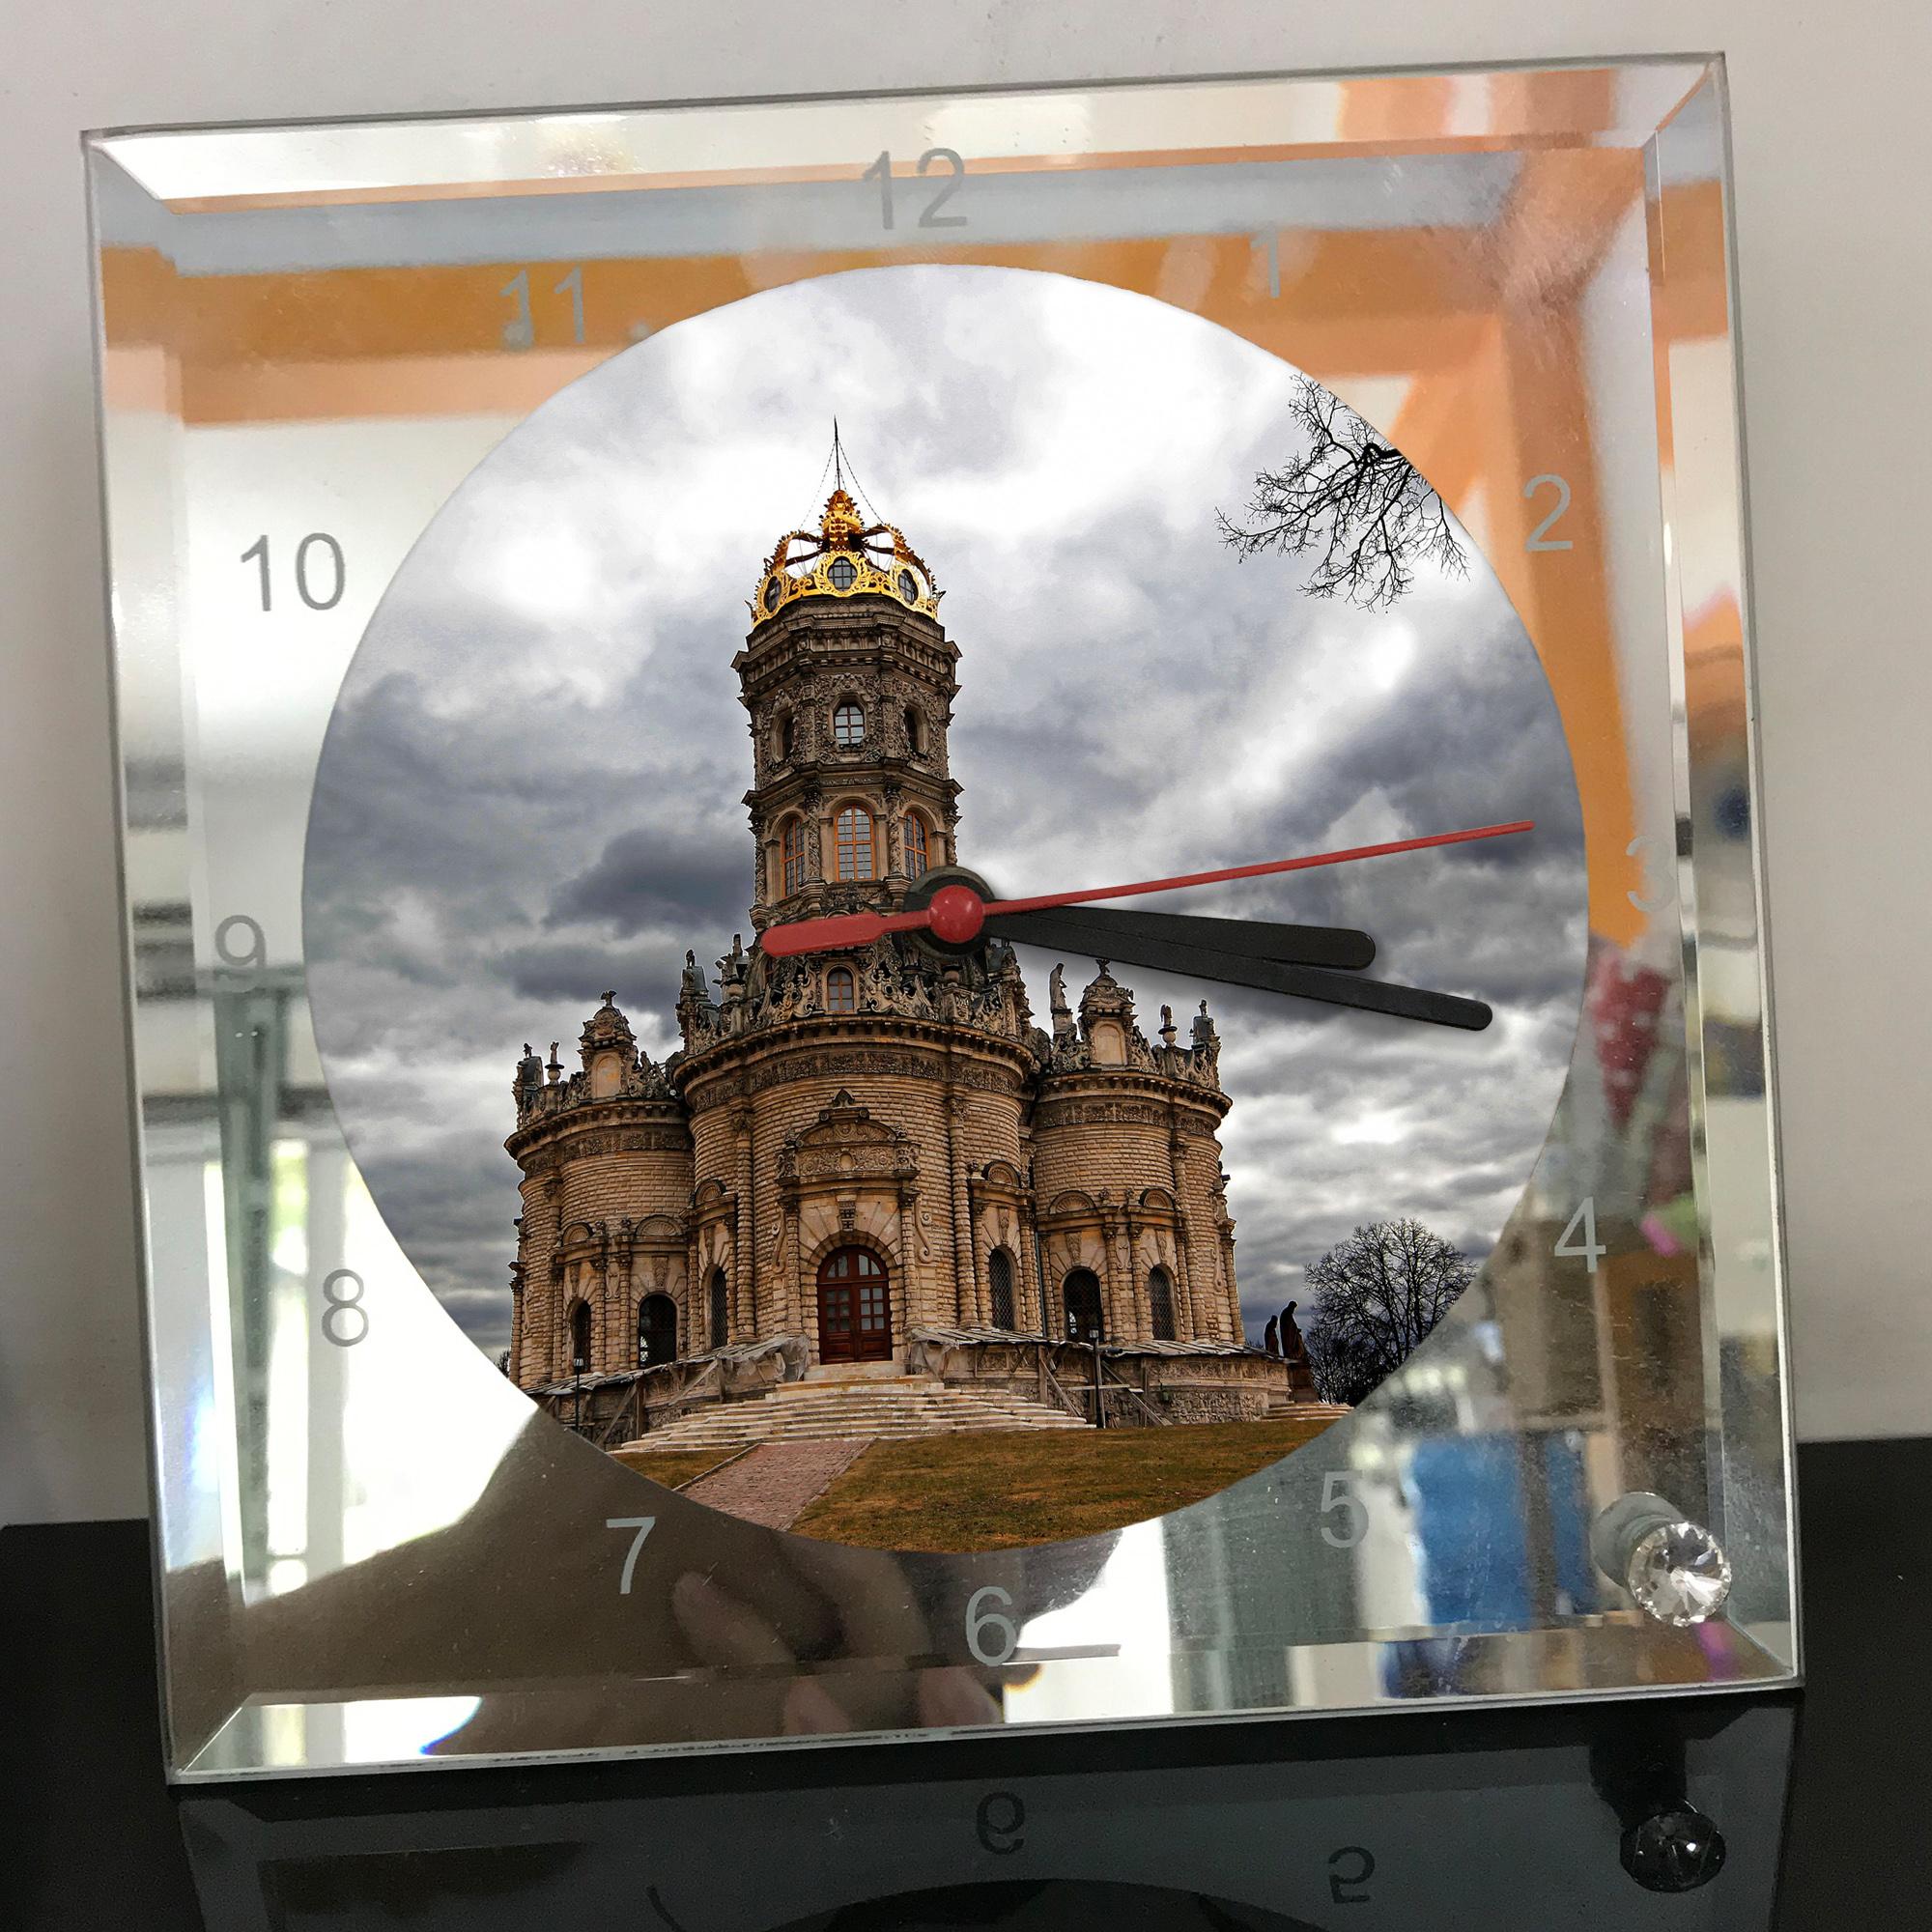 Đồng hồ thủy tinh vuông 20x20 in hình Church - nhà thờ (161) . Đồng hồ thủy tinh để bàn trang trí đẹp chủ đề tôn giáo